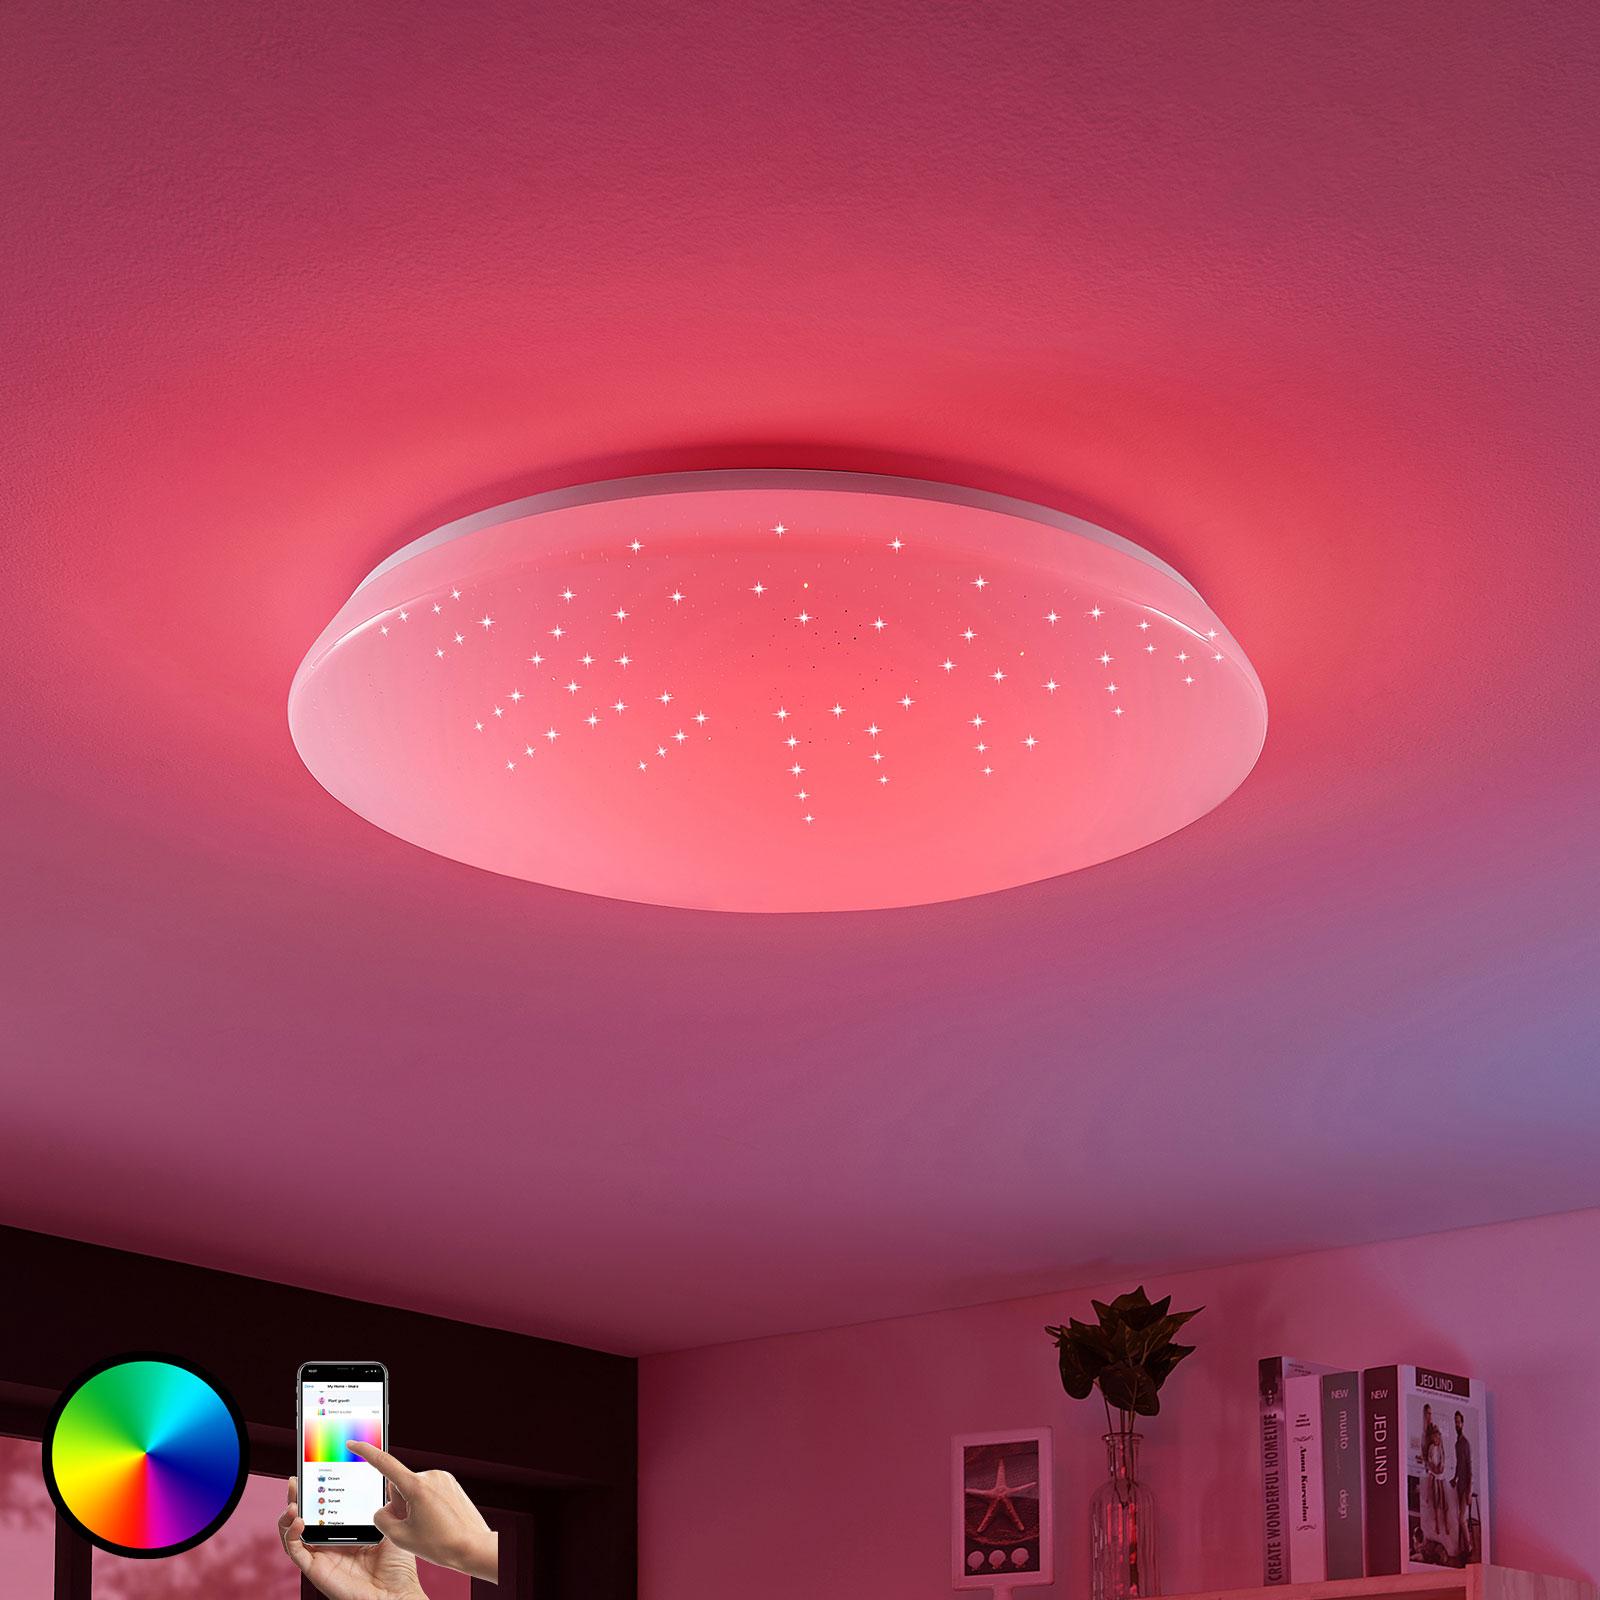 LED svítidlo Jelka, WiZ, změna barvy RGBW, kulaté